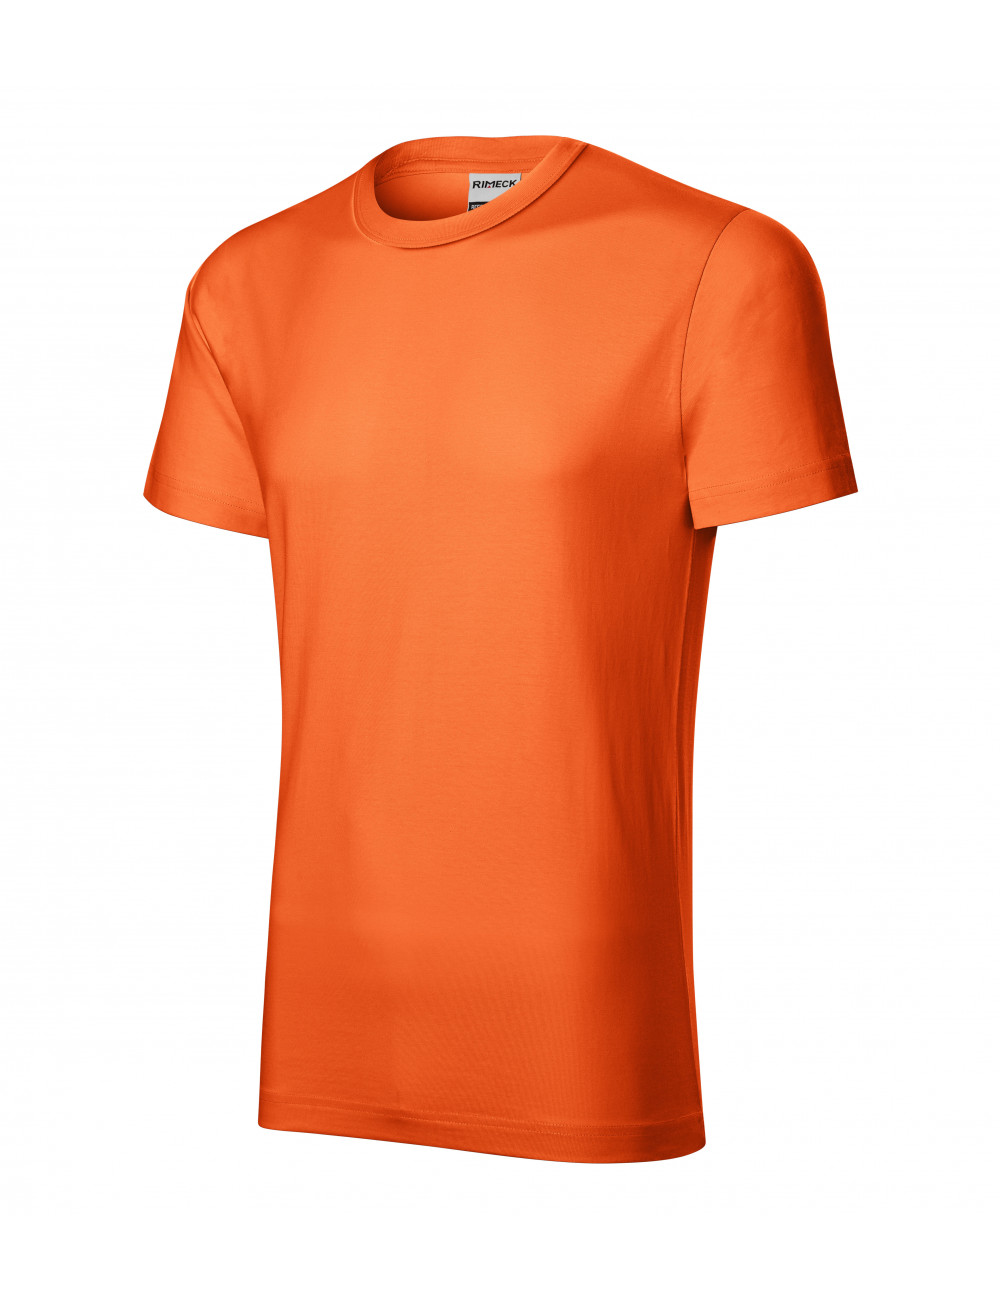 Adler RIMECK Koszulka męska Resist R01 pomarańczowy